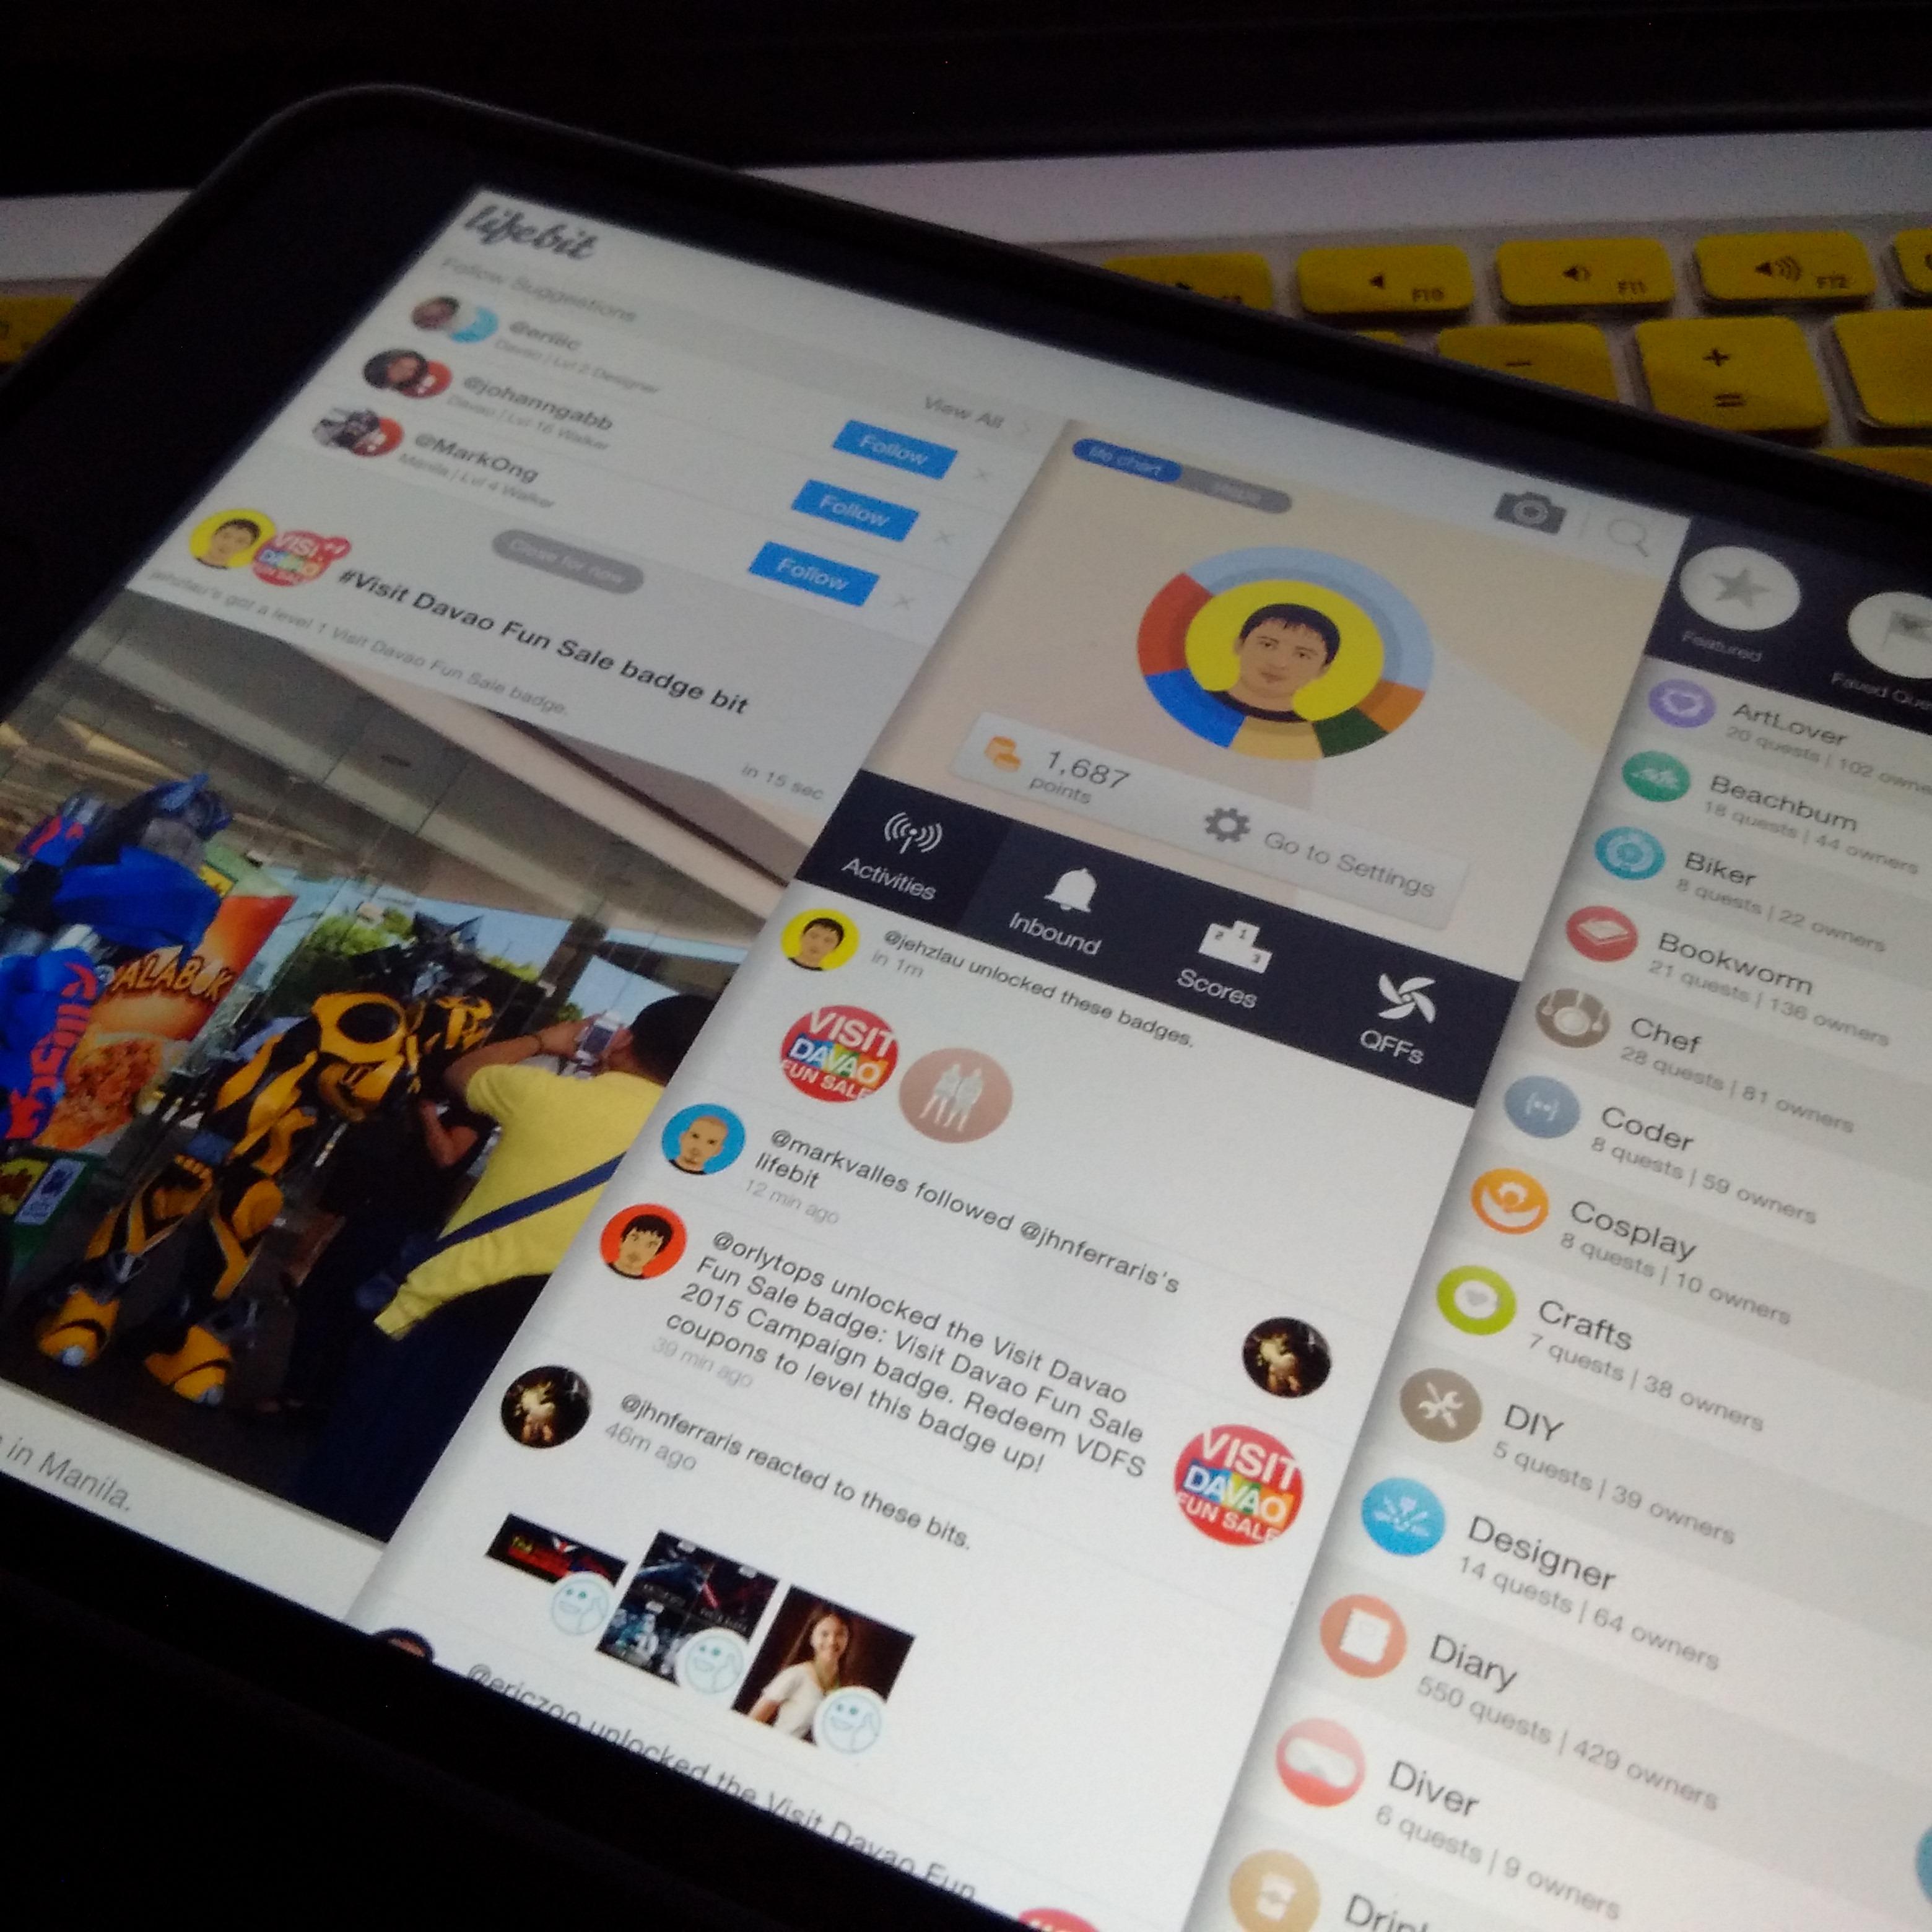 apps-lifebit